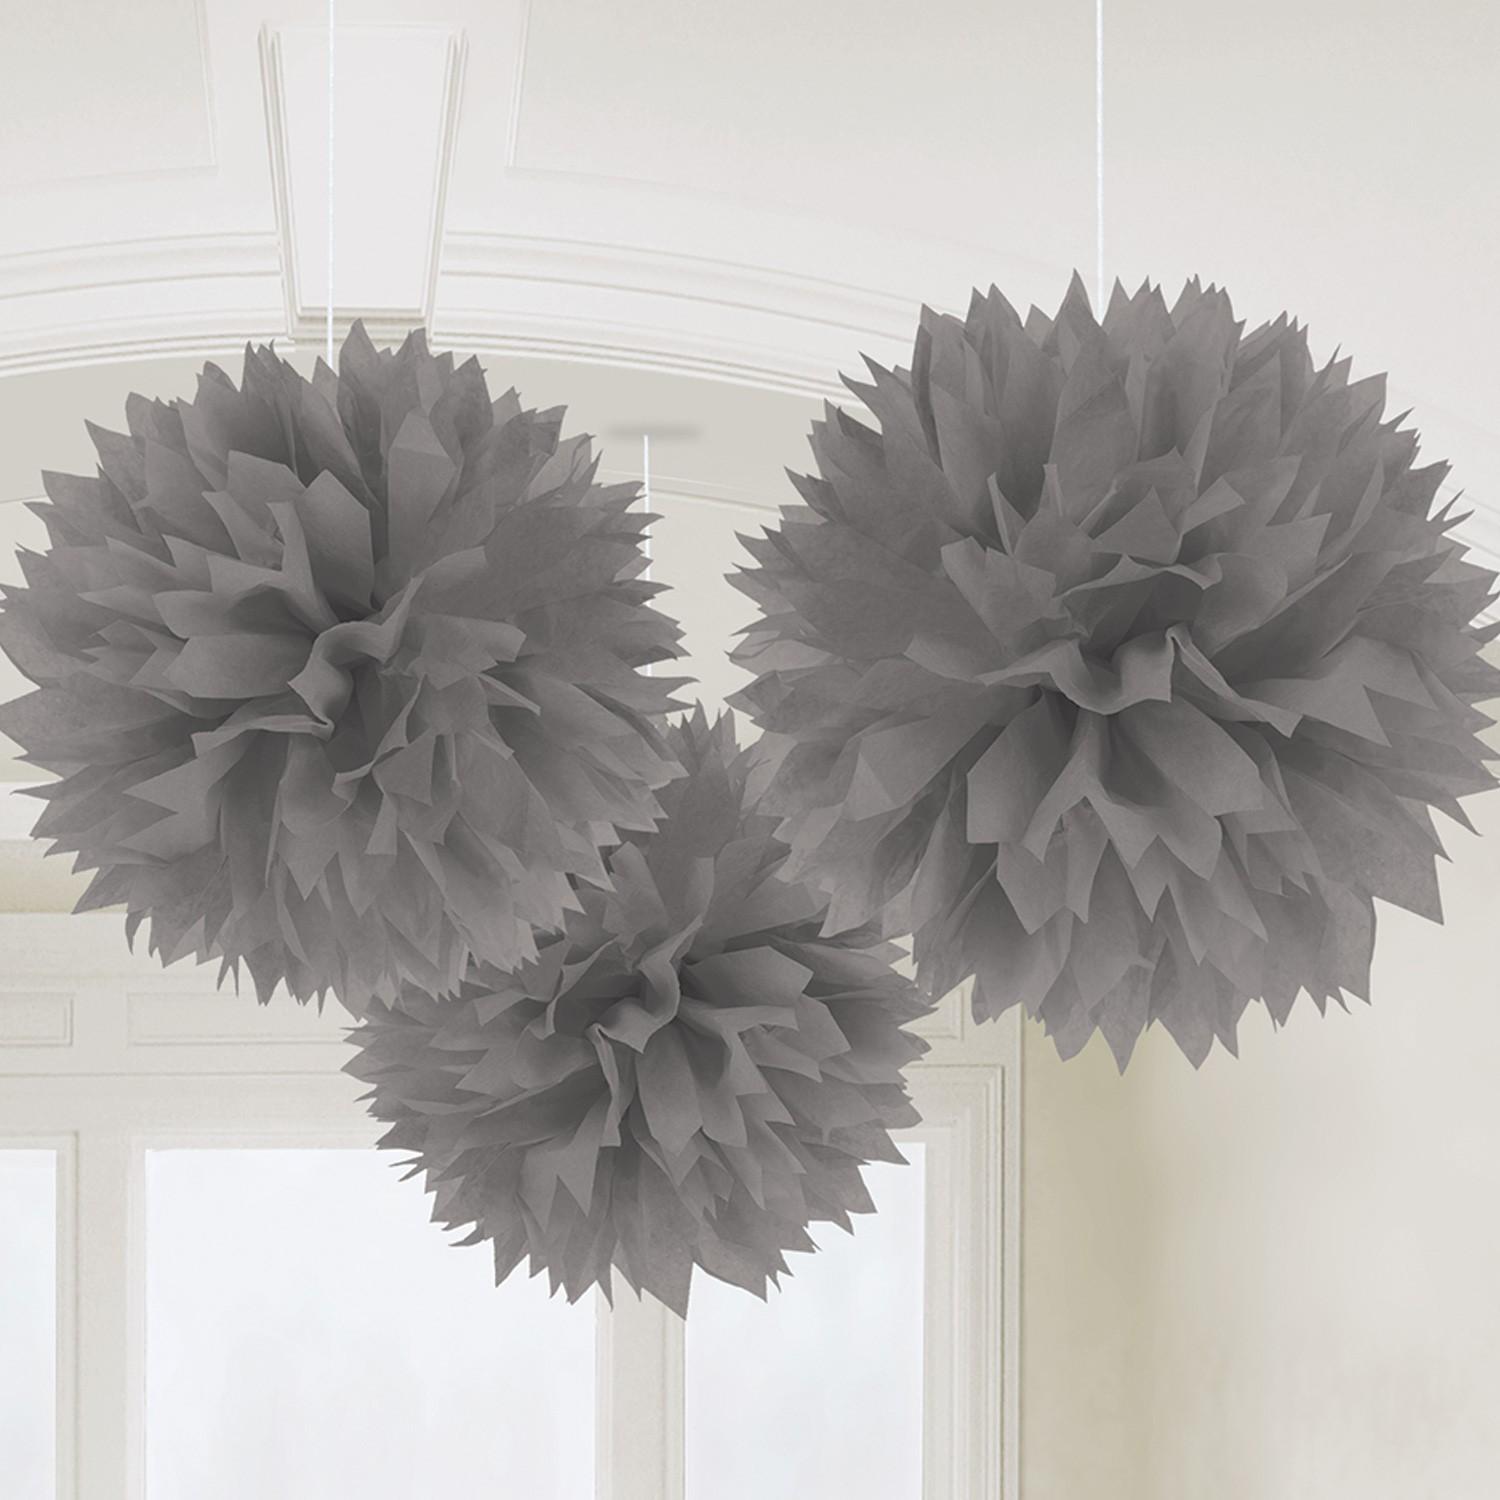 Závěsné dekorace stříbrné 3 ks 40 cm